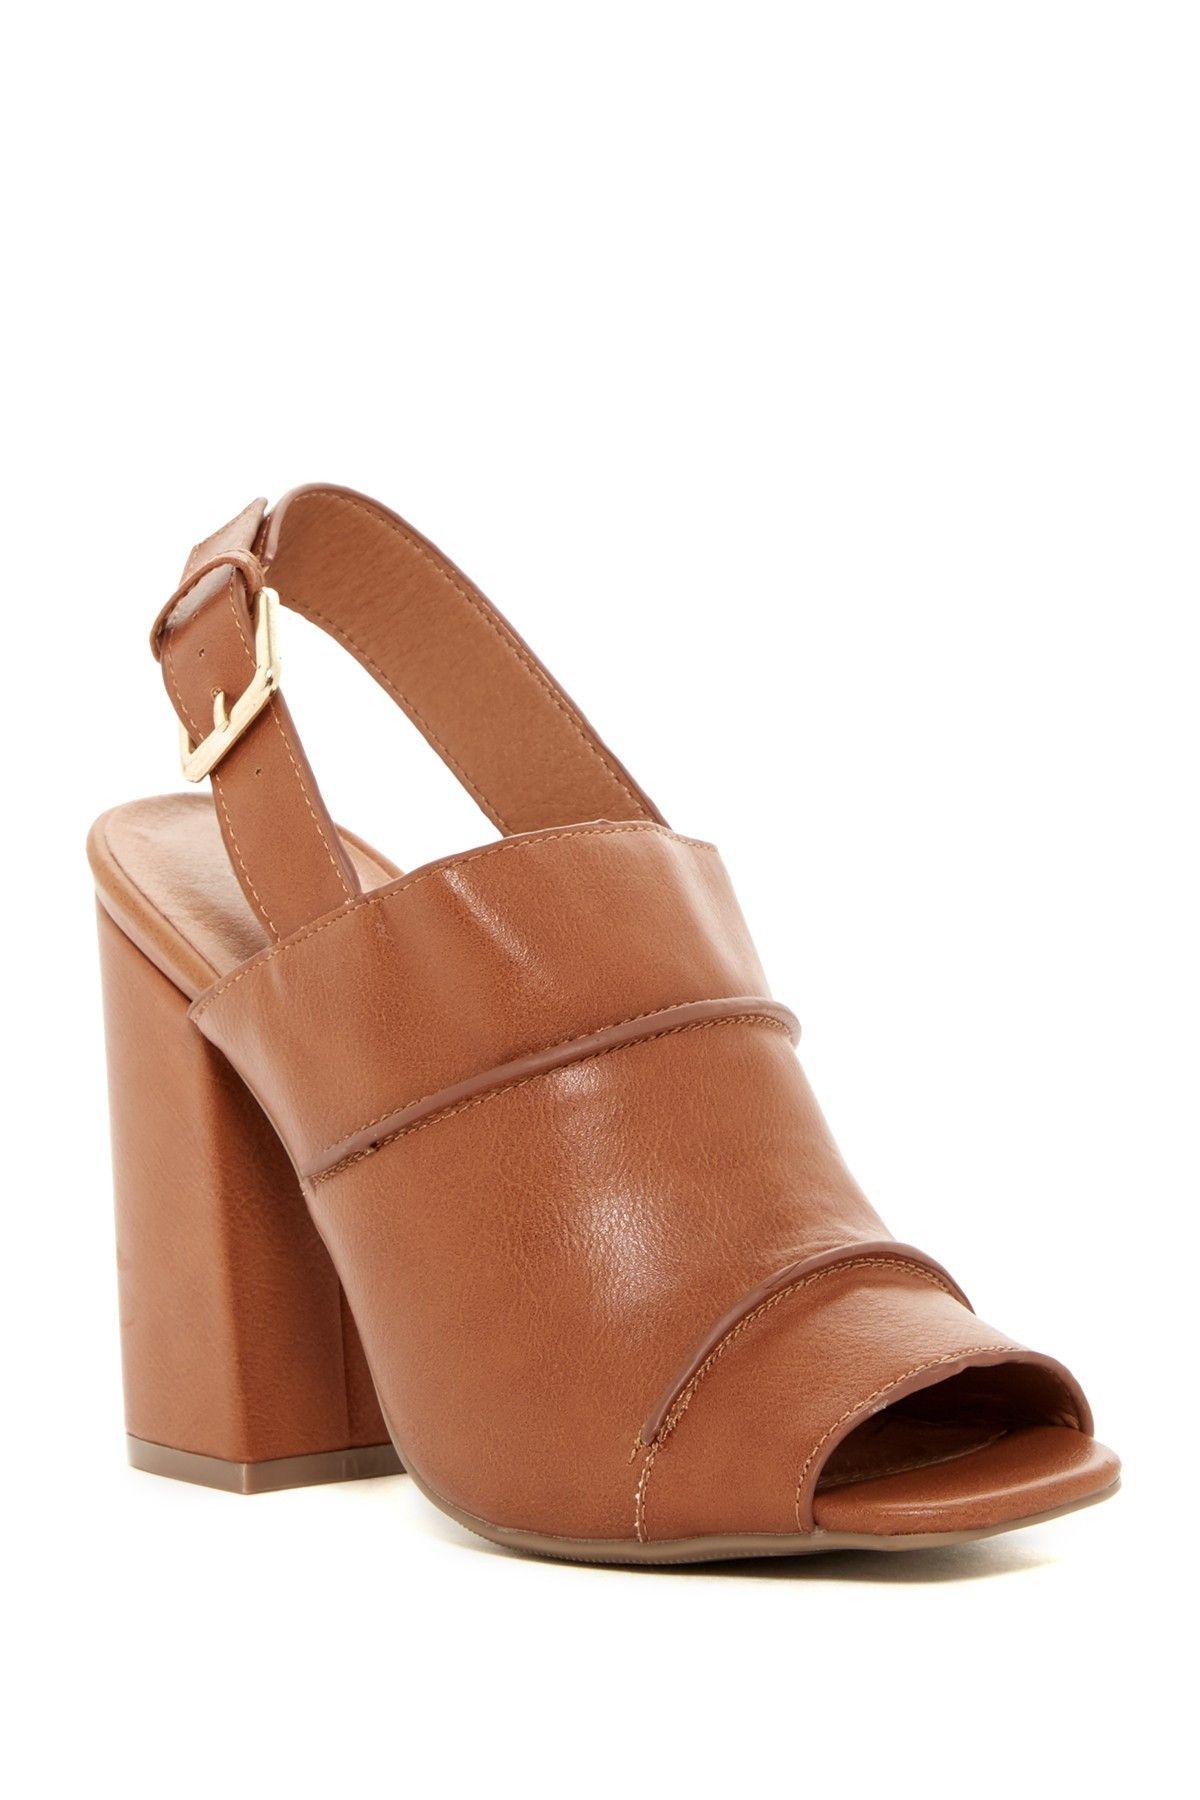 647cc8d85ec Legend Footwear